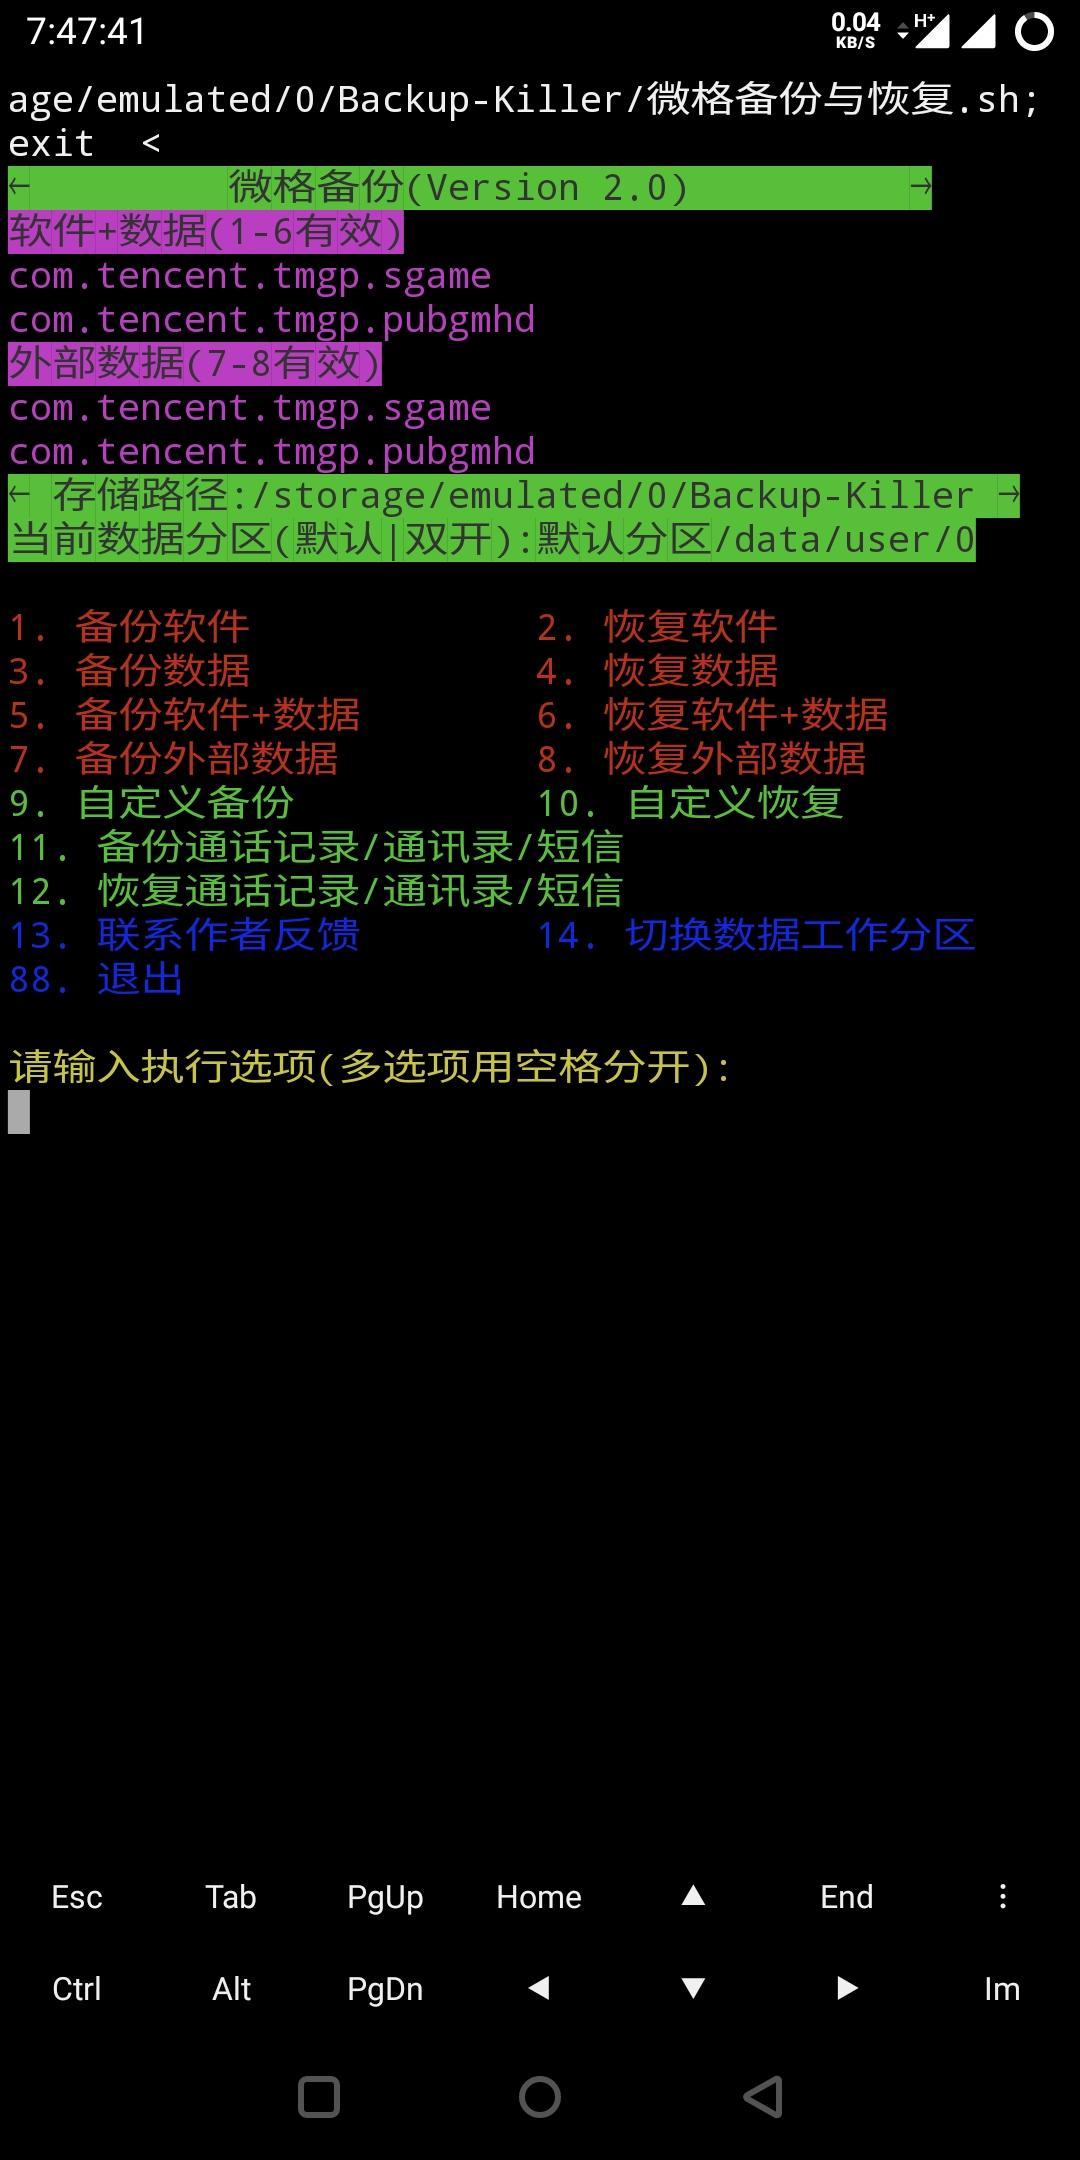 Screenshot_20200822-074742.jpg